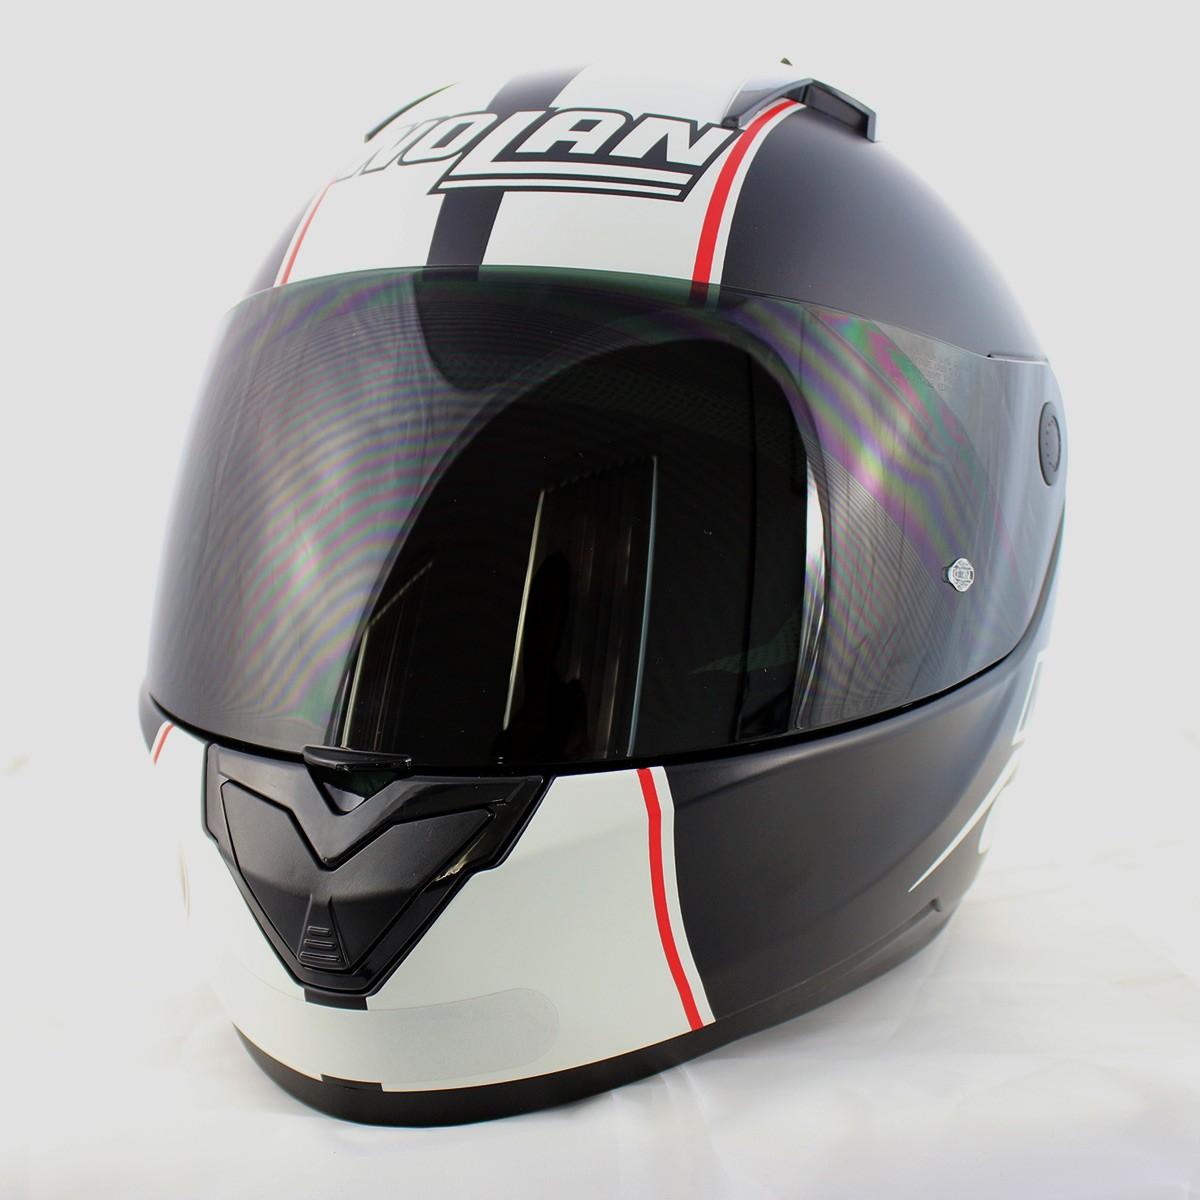 Capacete Nolan N64 MotoGP 2 - MegaOferta!  - Nova Suzuki Motos e Acessórios